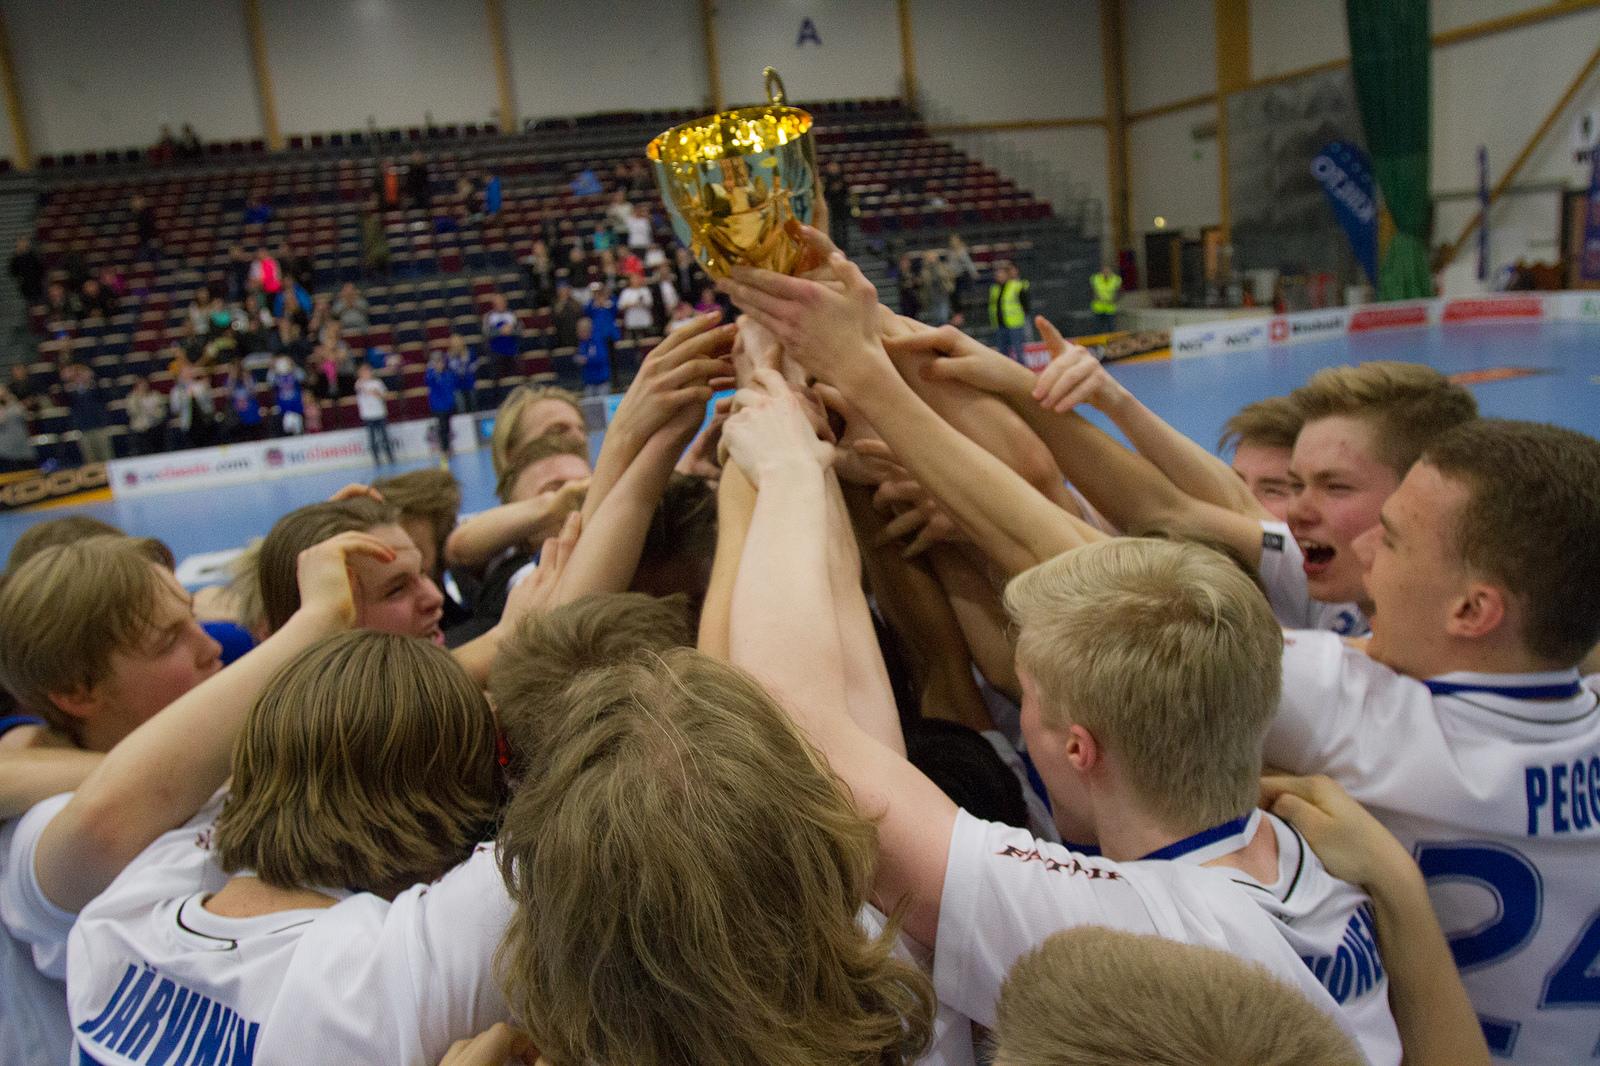 Tapanilan Erä juhlii B-poikien SM-kultaa kaudella 2014-2015. Kuva: Topi Naskali